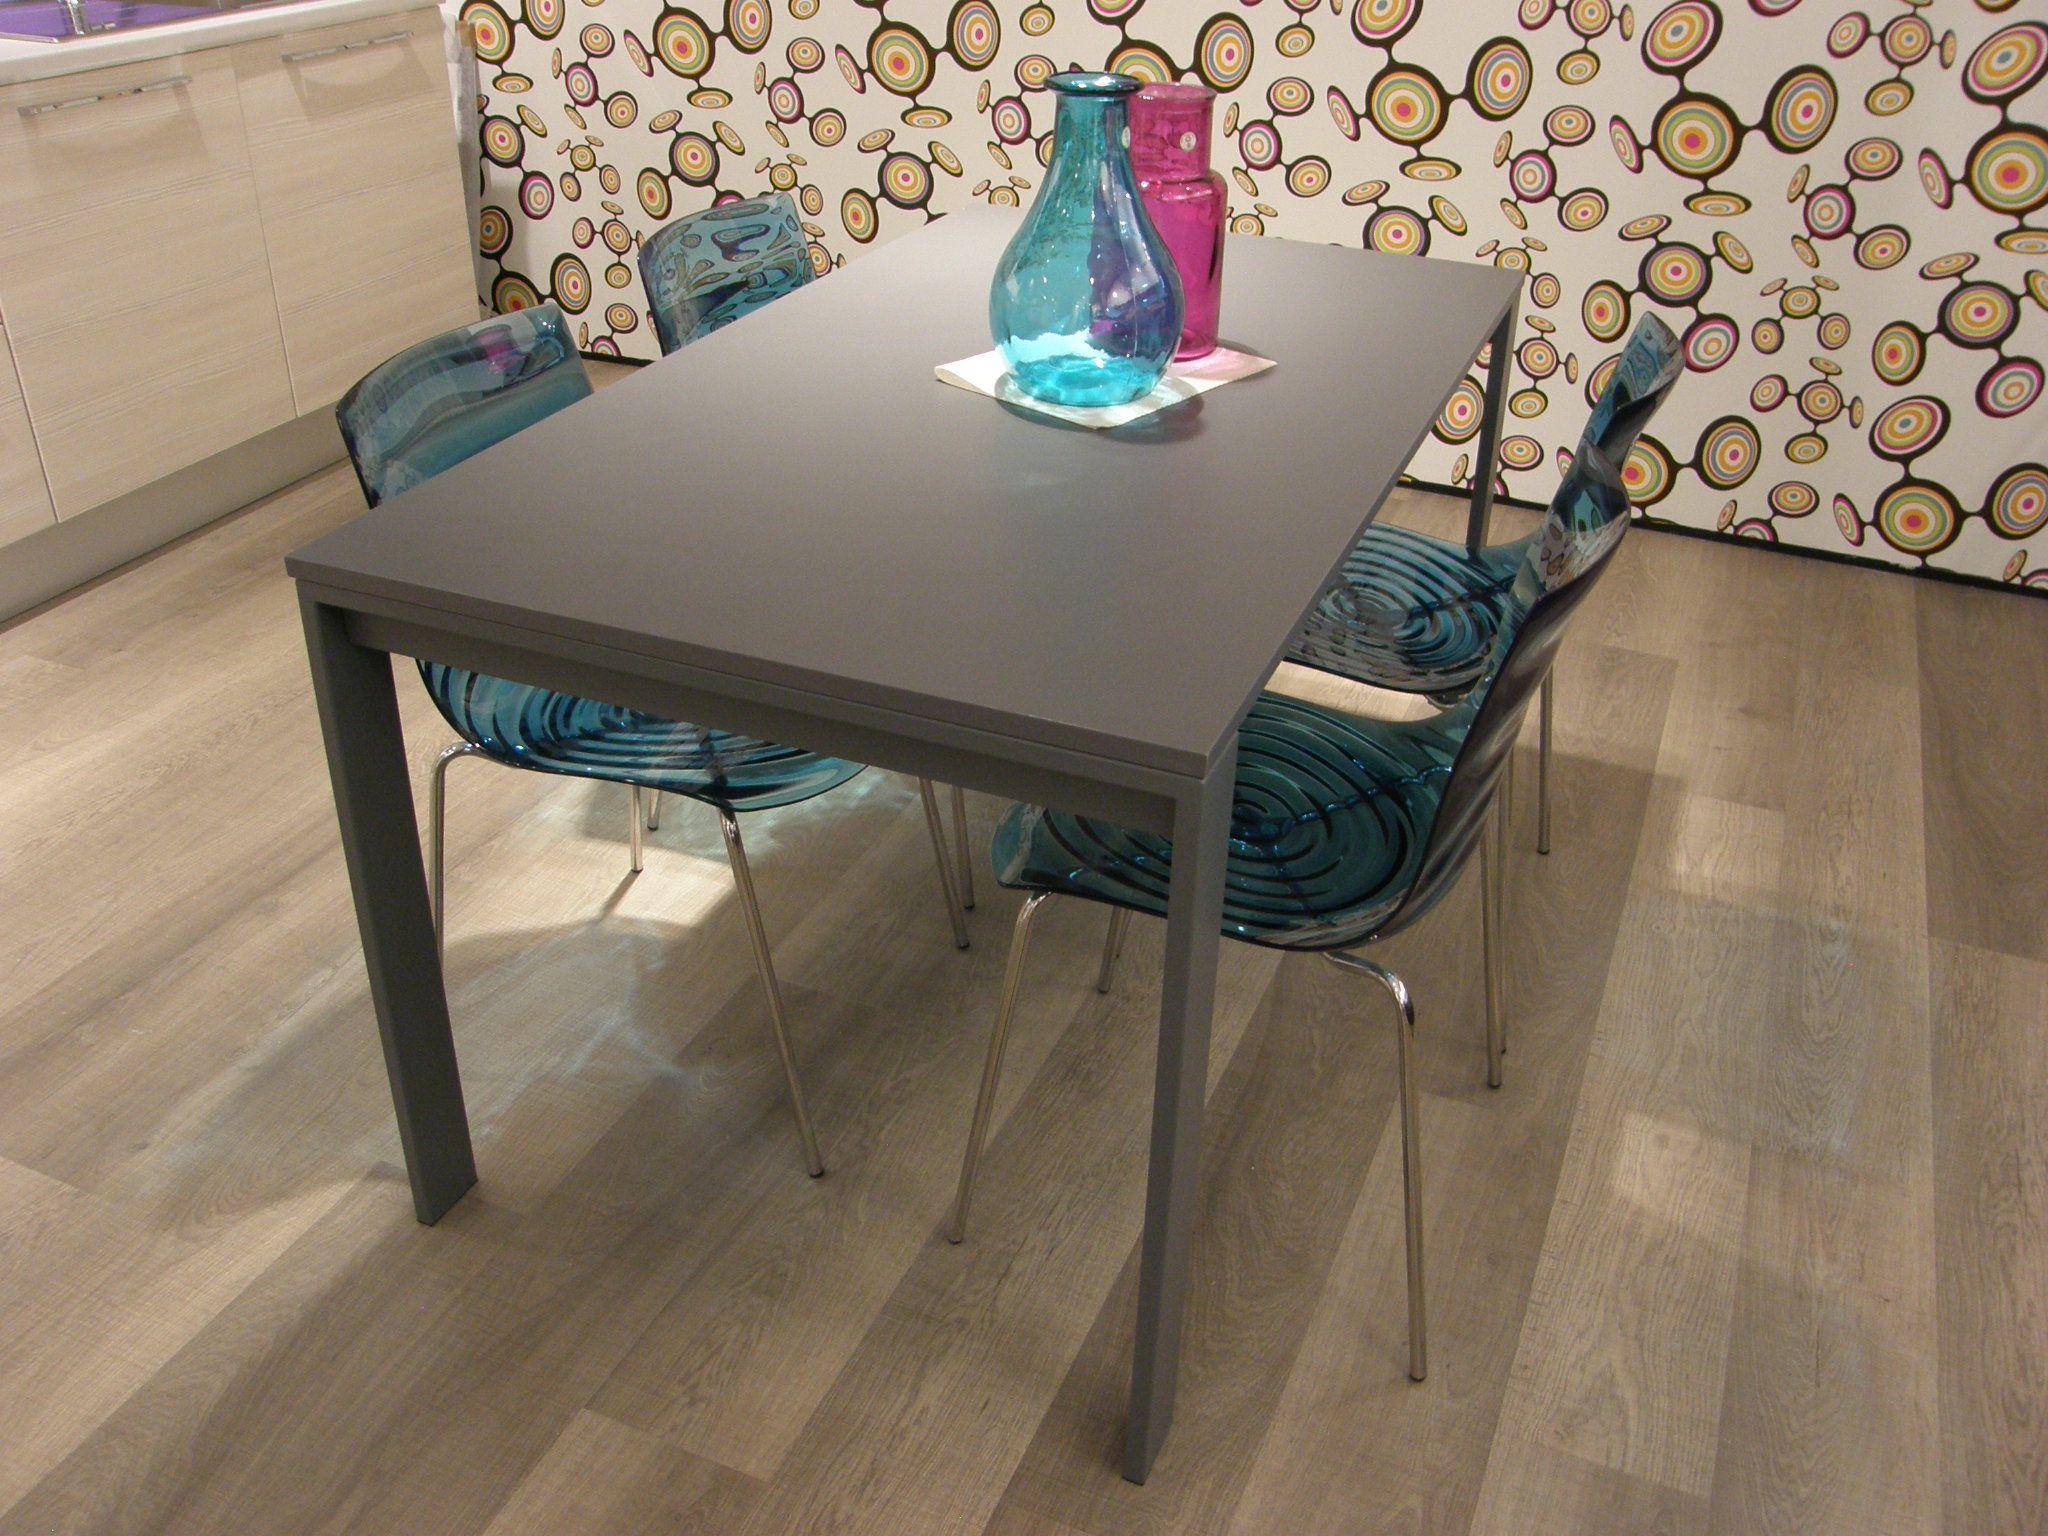 tavolo per cucina lube moderno modello simple scontato del 50 approfitta subito dell outlets